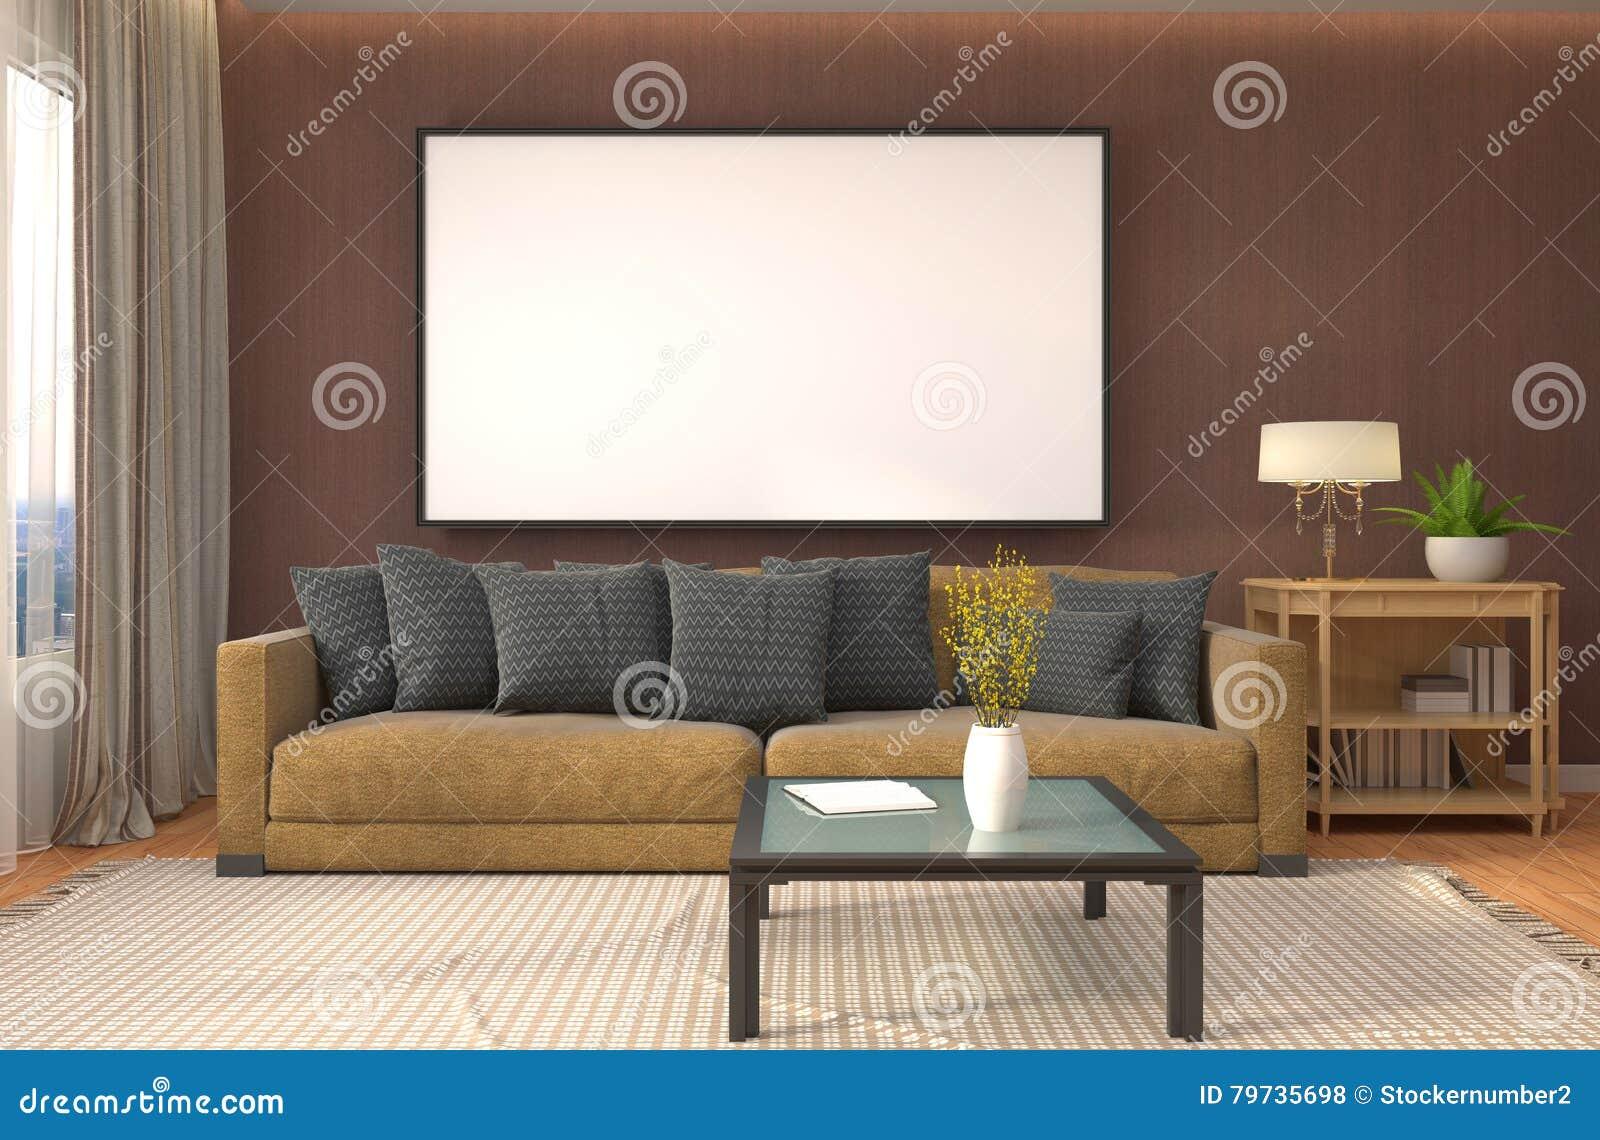 Mofa encima del marco del cartel en fondo interior ilustración 3D